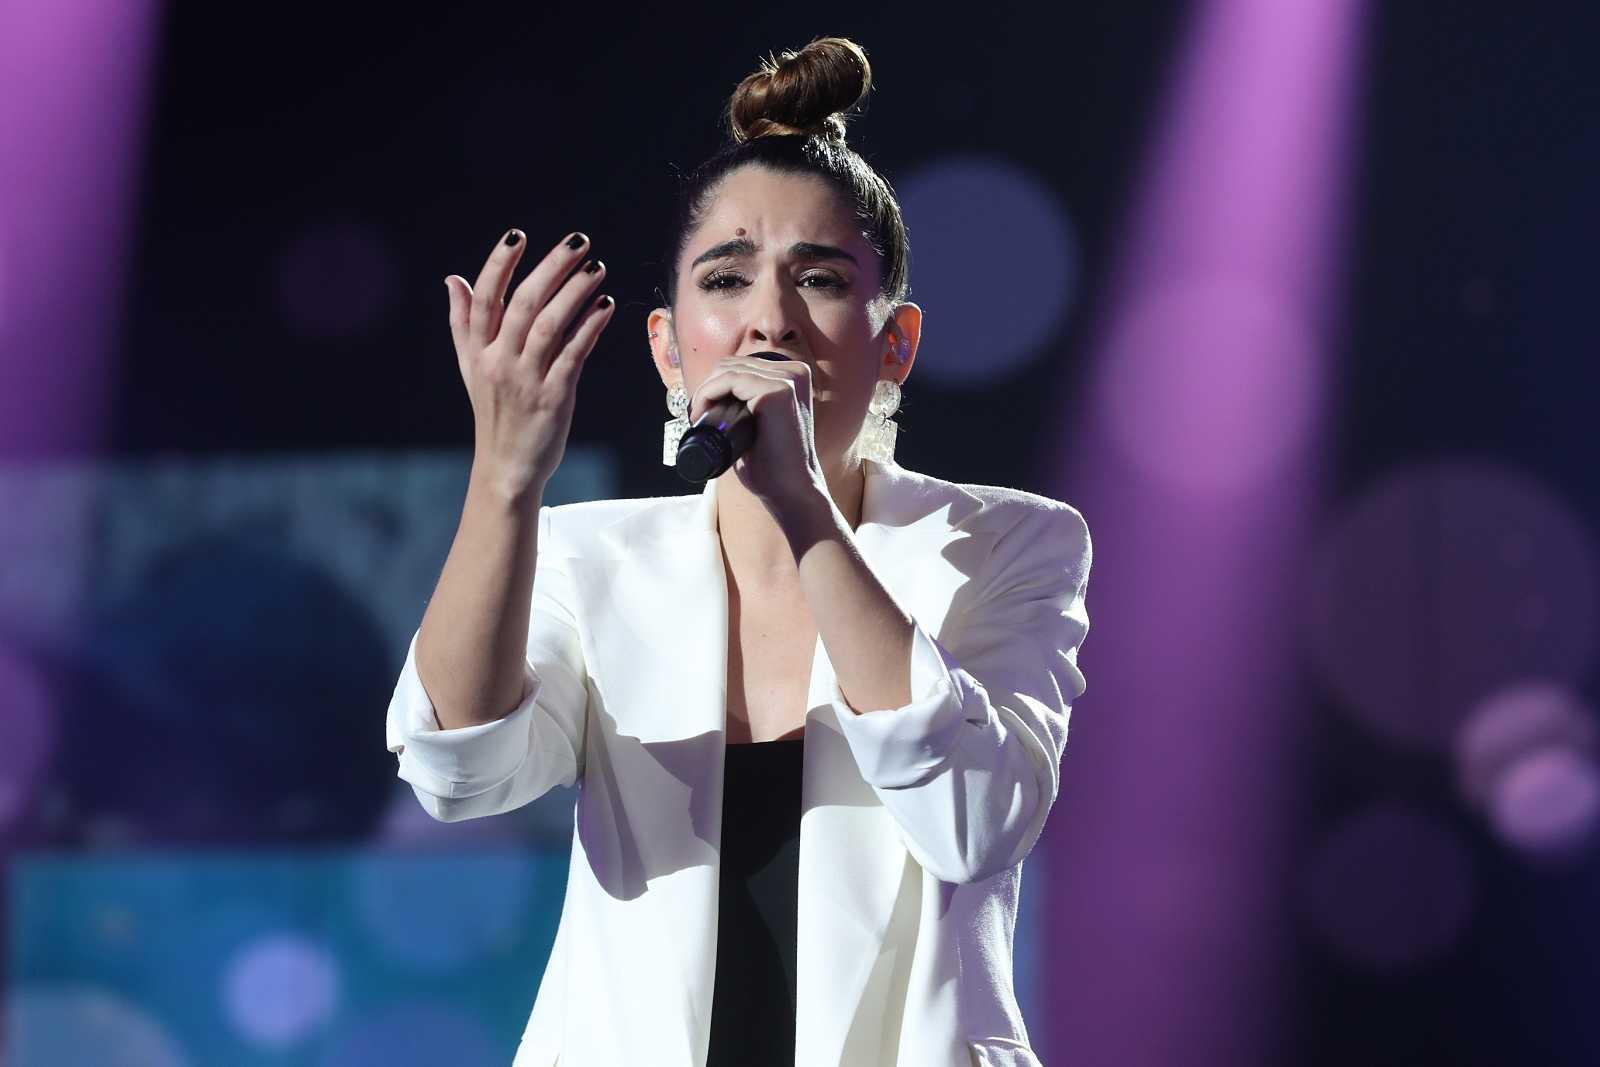 Anaju cantando durante la gala 4 de Operación Triunfo